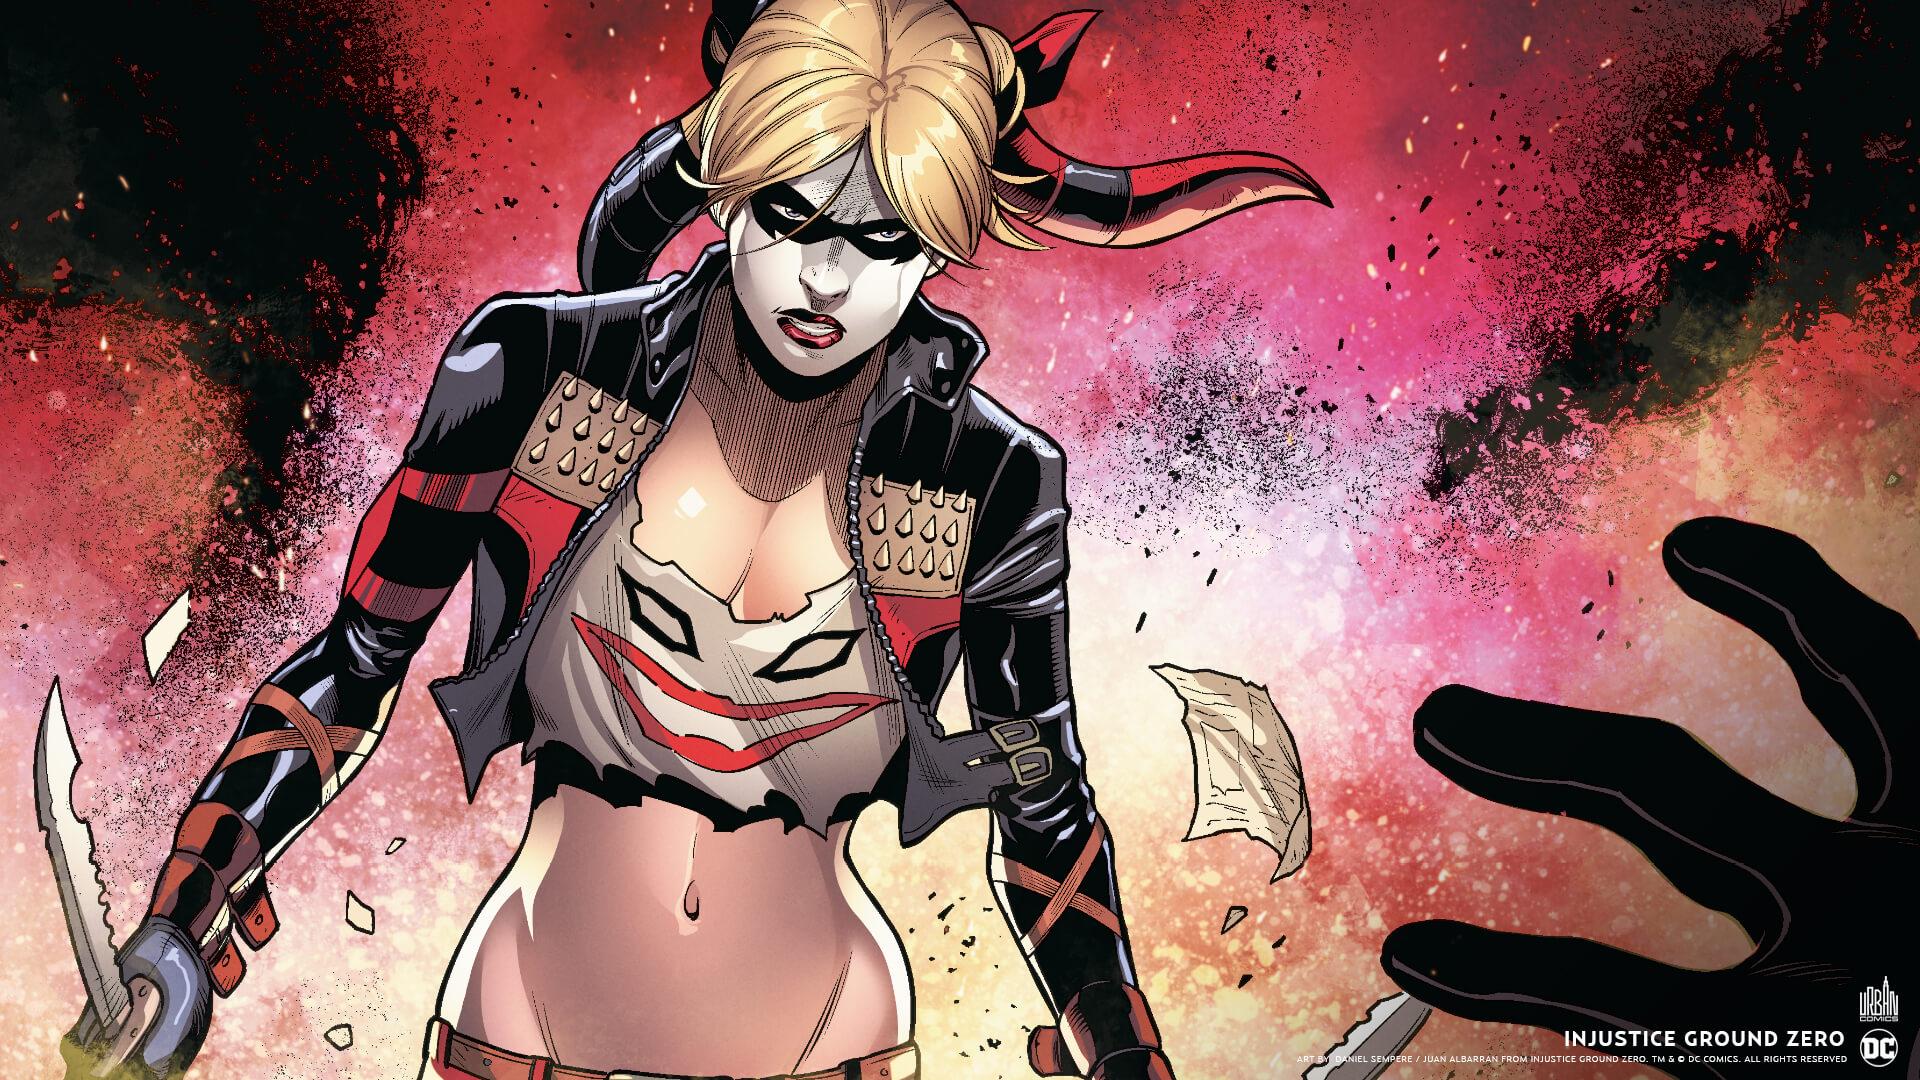 Injustice Ground Zero Harley (1)